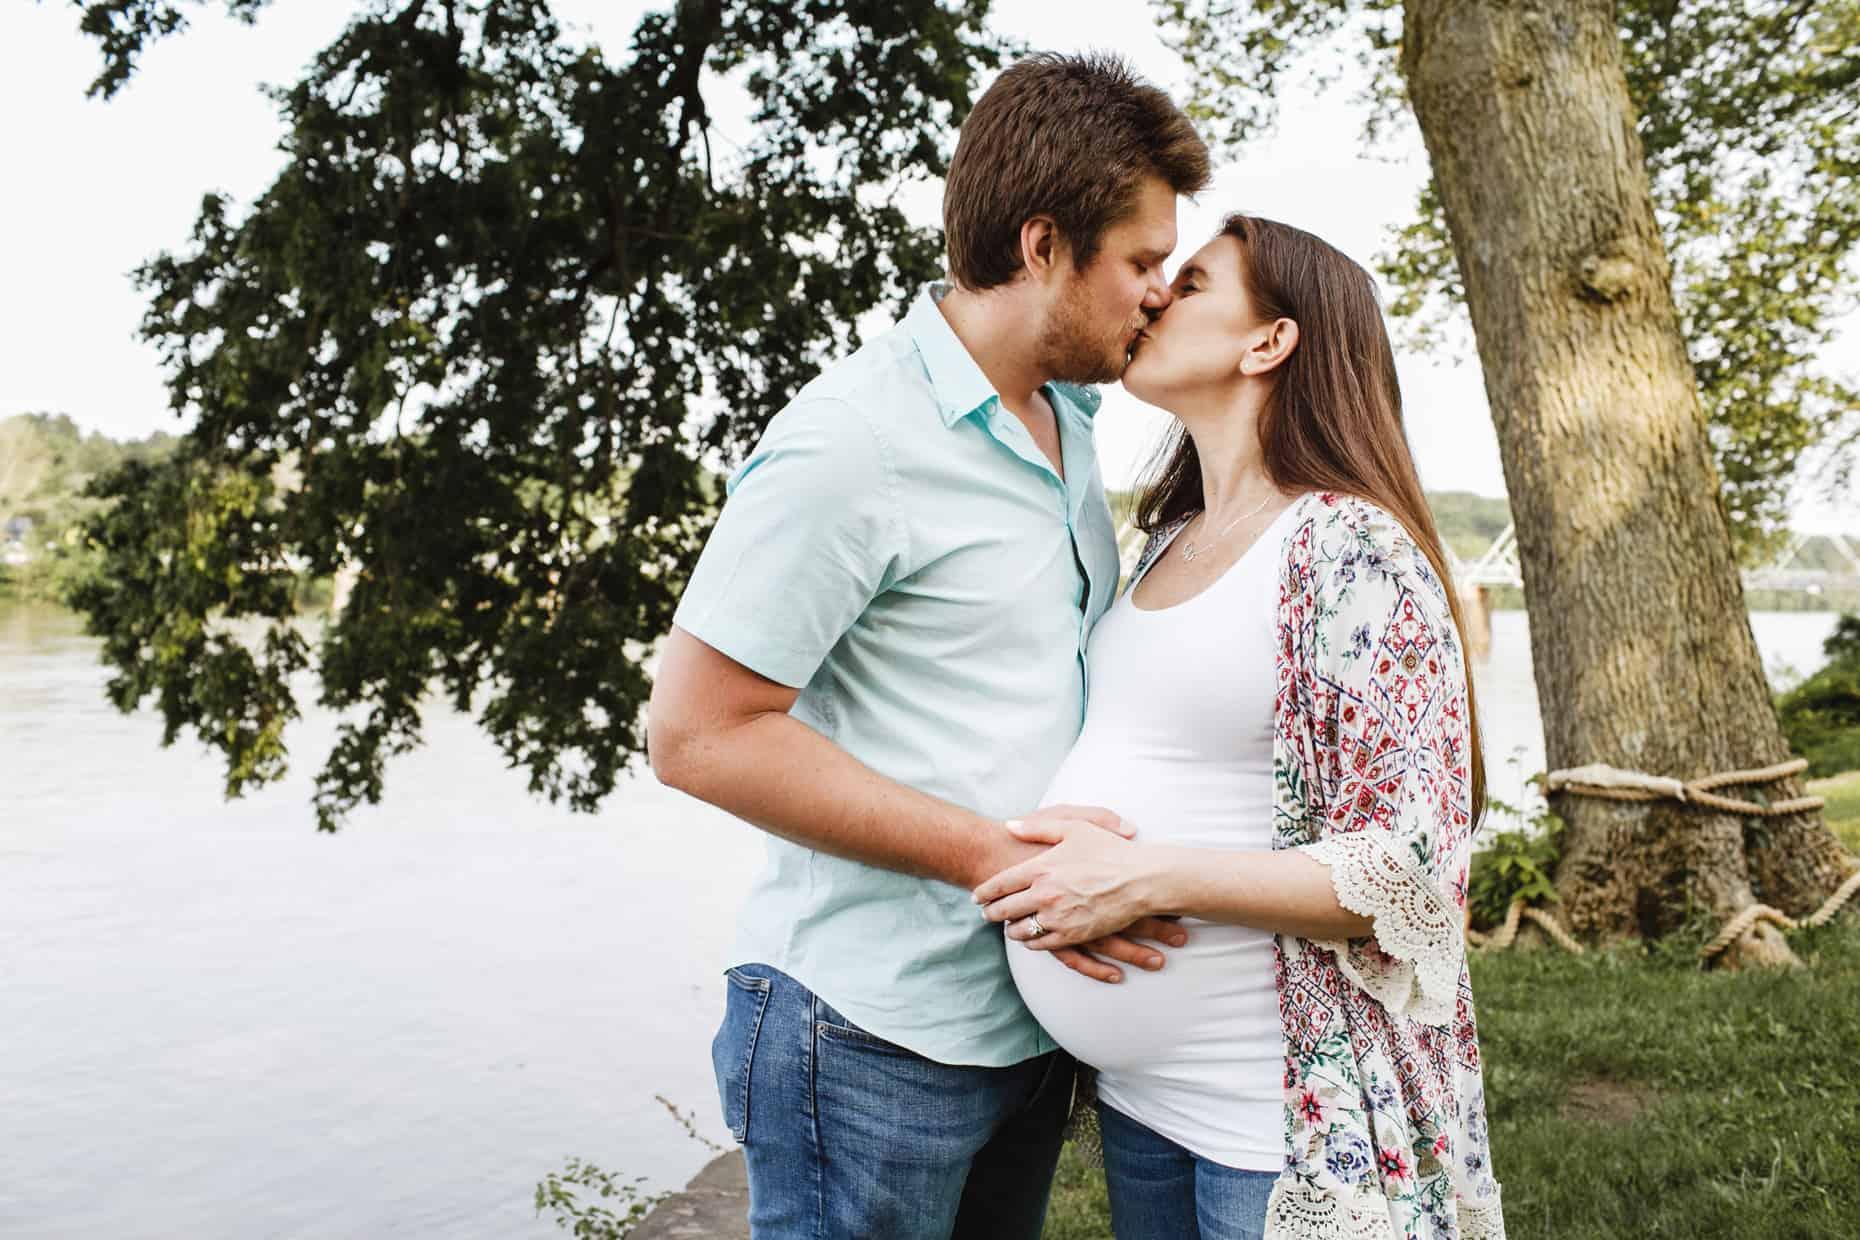 Bucks County Maternity Photo